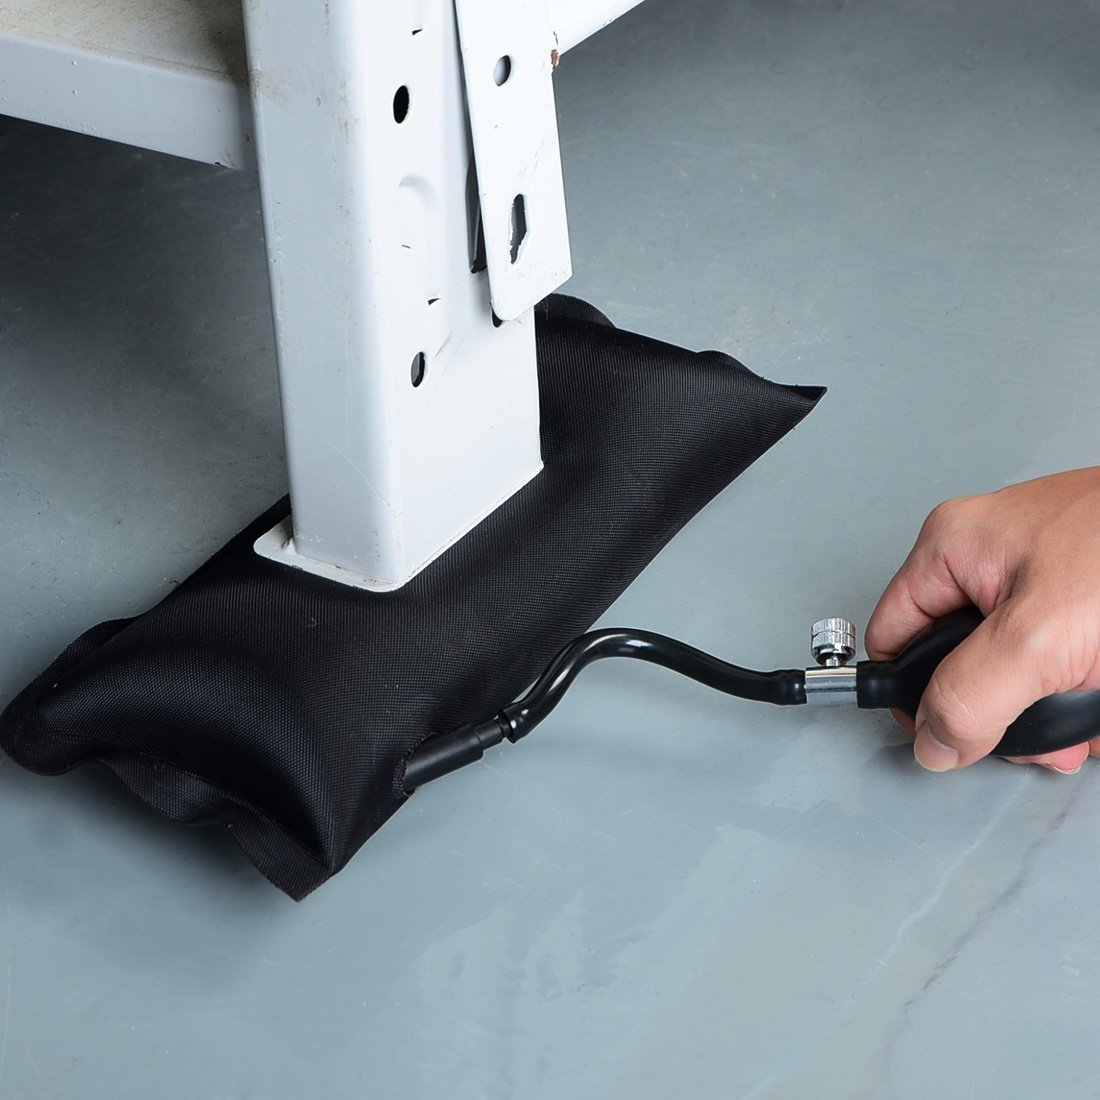 URXTRAL Pompa ad aria per finestrini 2pcs sportelli auto,Utensili Hand Tools Ammortizzati Aria